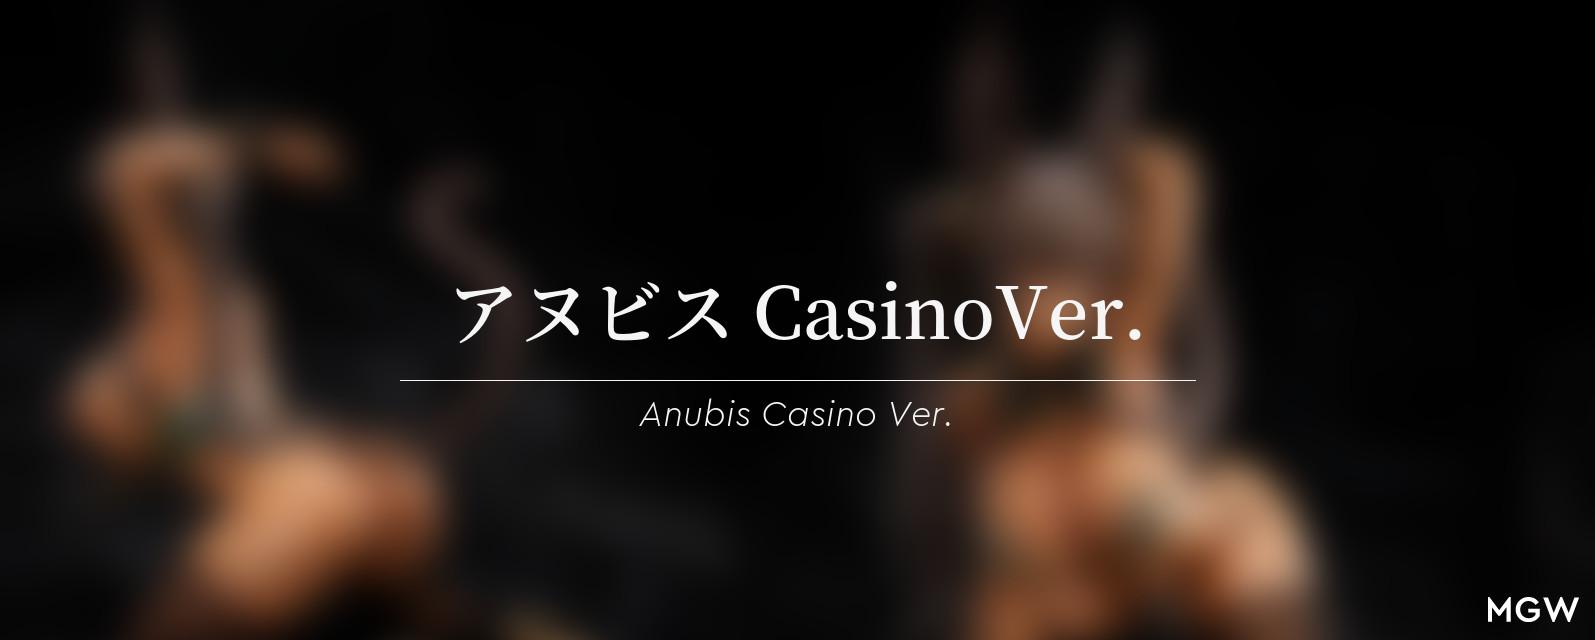 Anubis Casino Ver. by BINDing from BINDing Creators Opinion Houtengeki